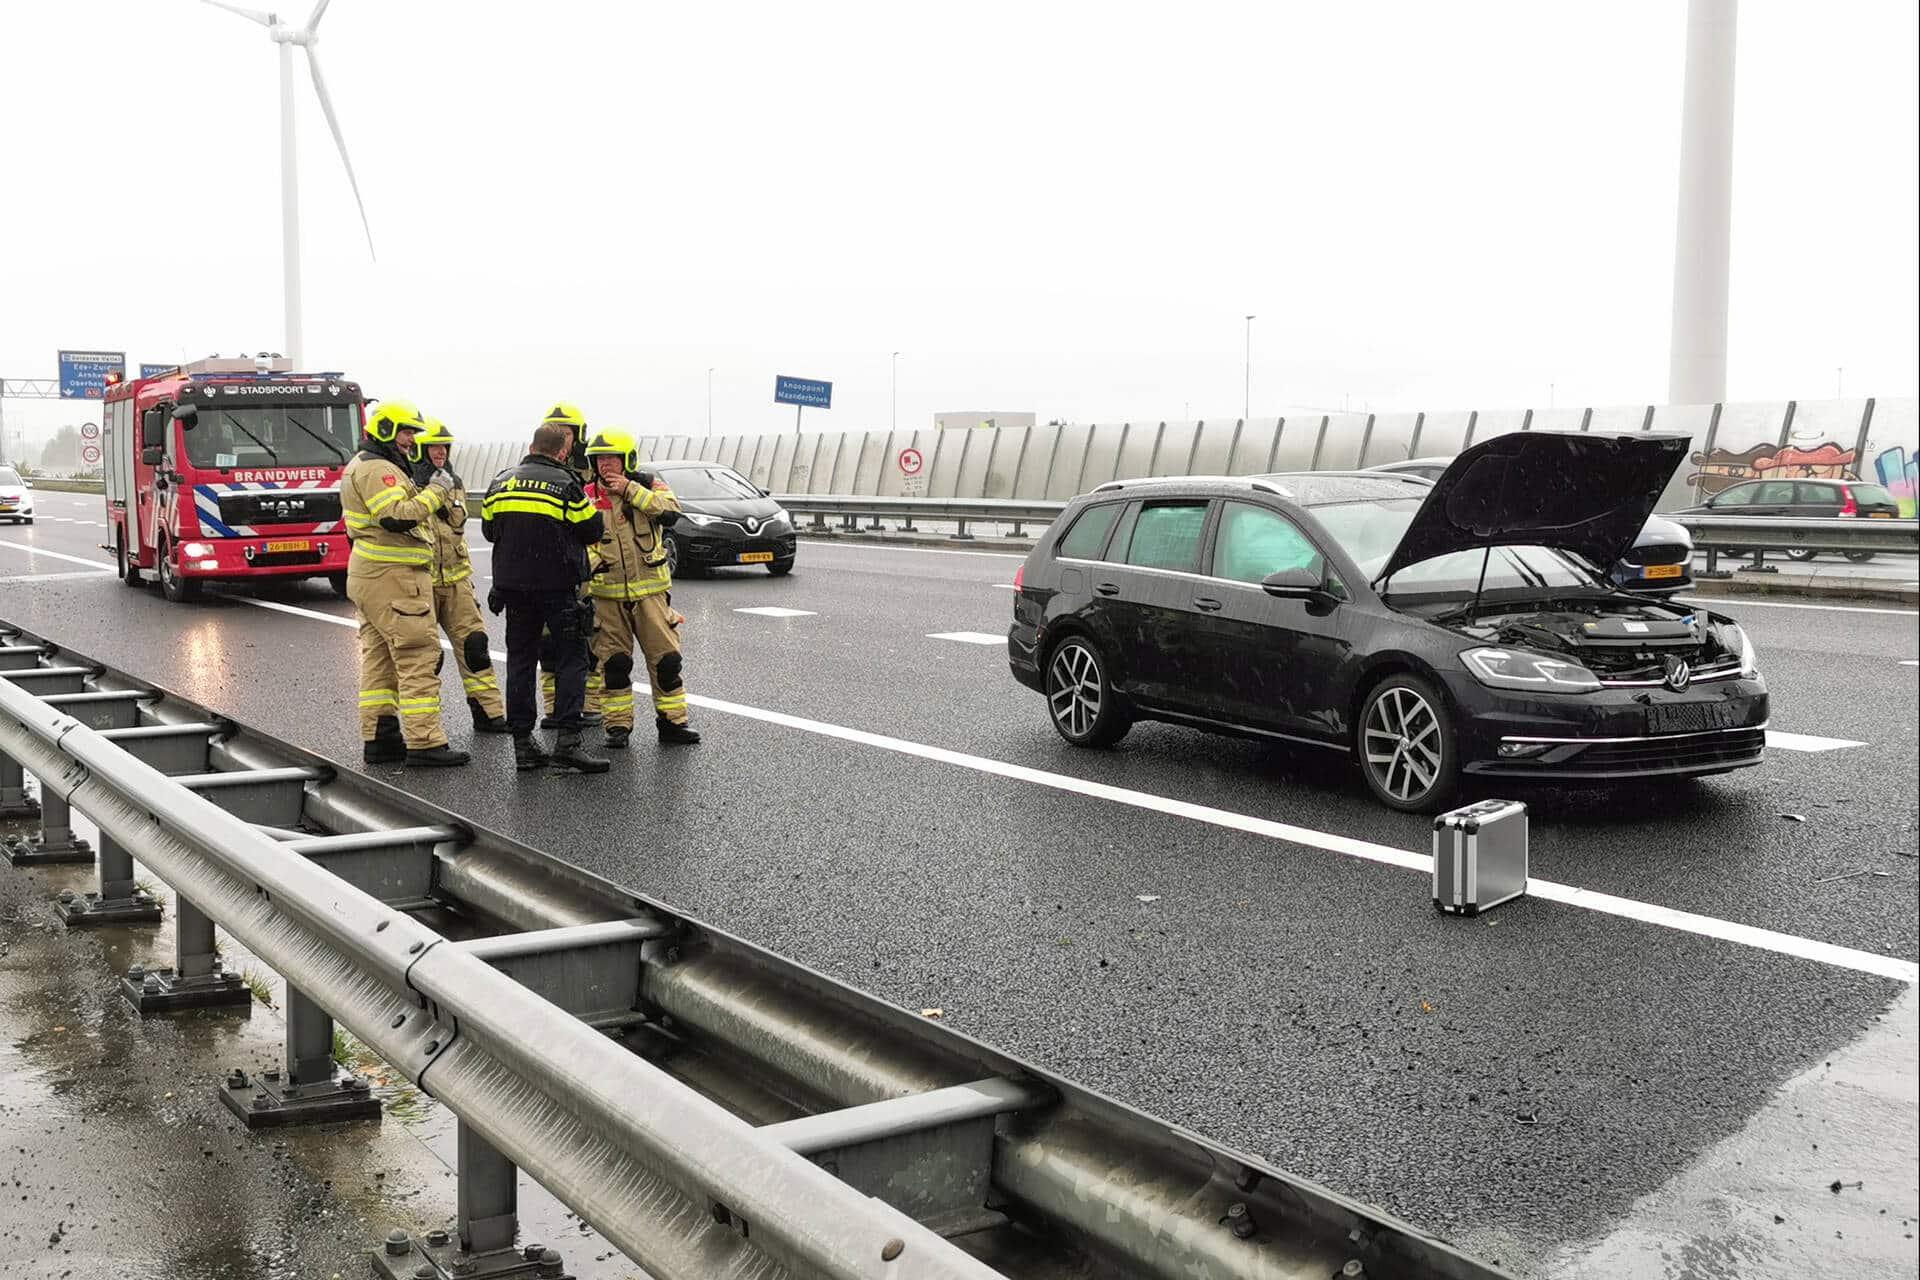 Persoon gewond bij kop-staart botsing op snelweg A30 in Ede.